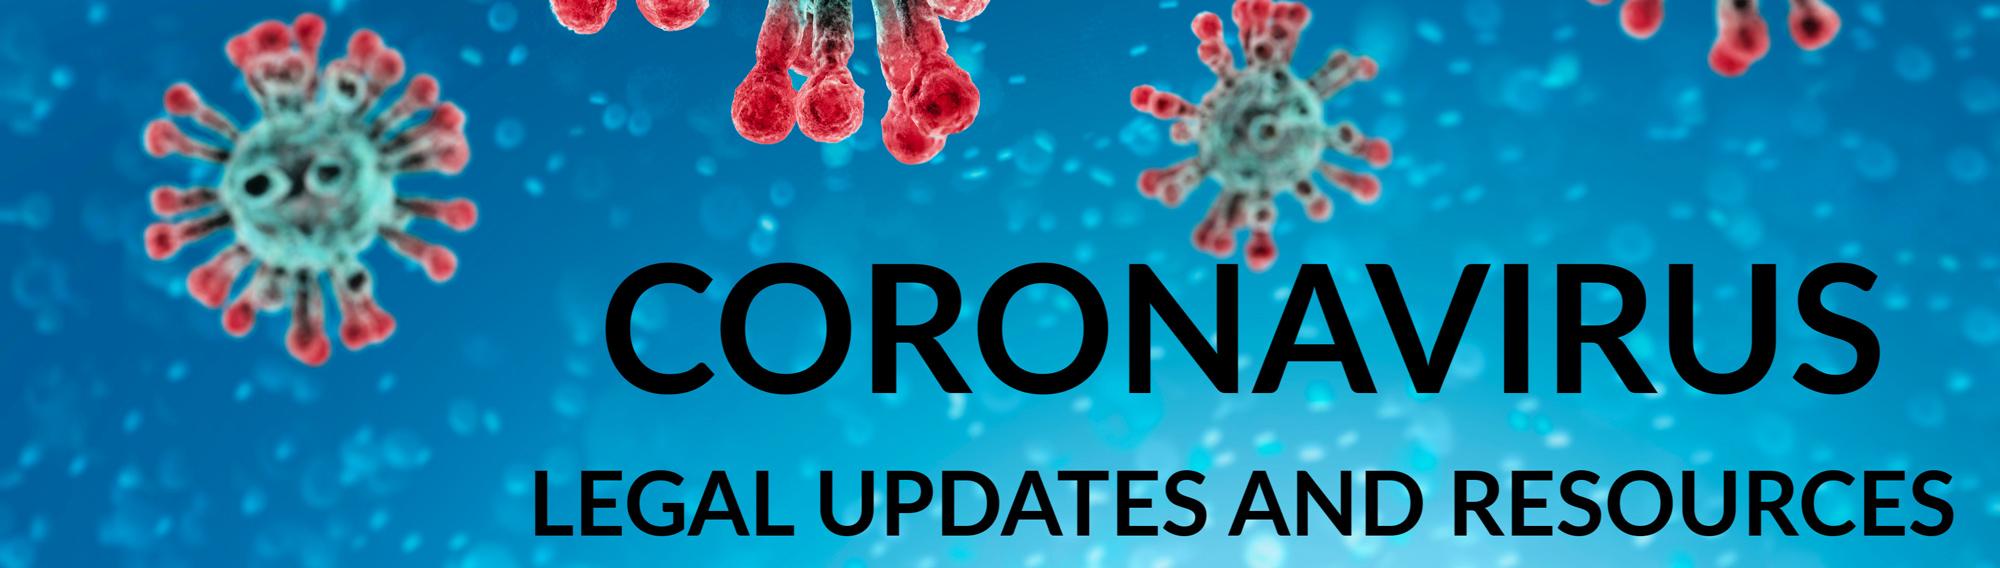 Coronavirus Update and Resources